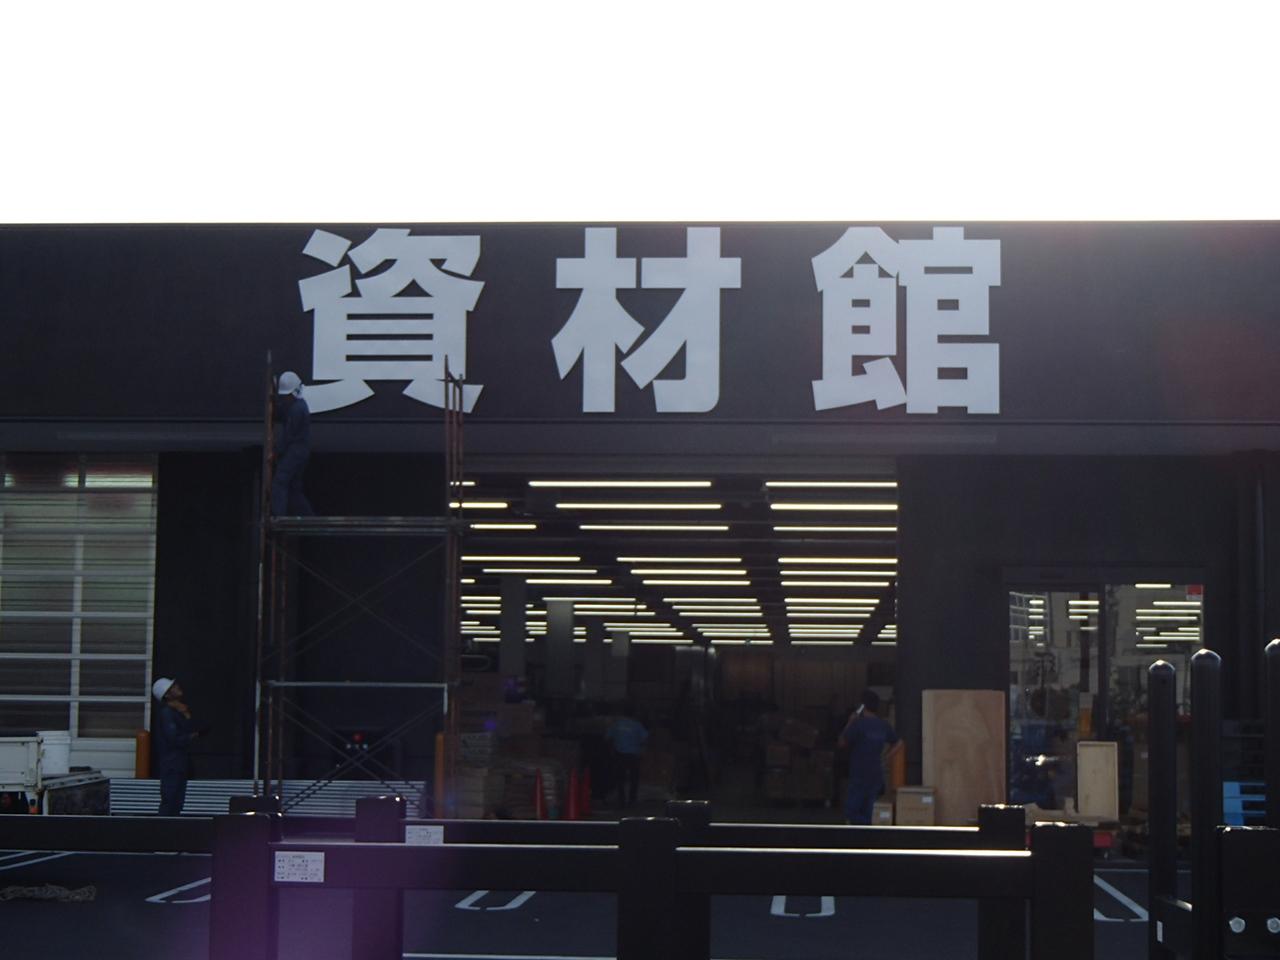 ホームセンタームサシ上田店様-箱文字看板